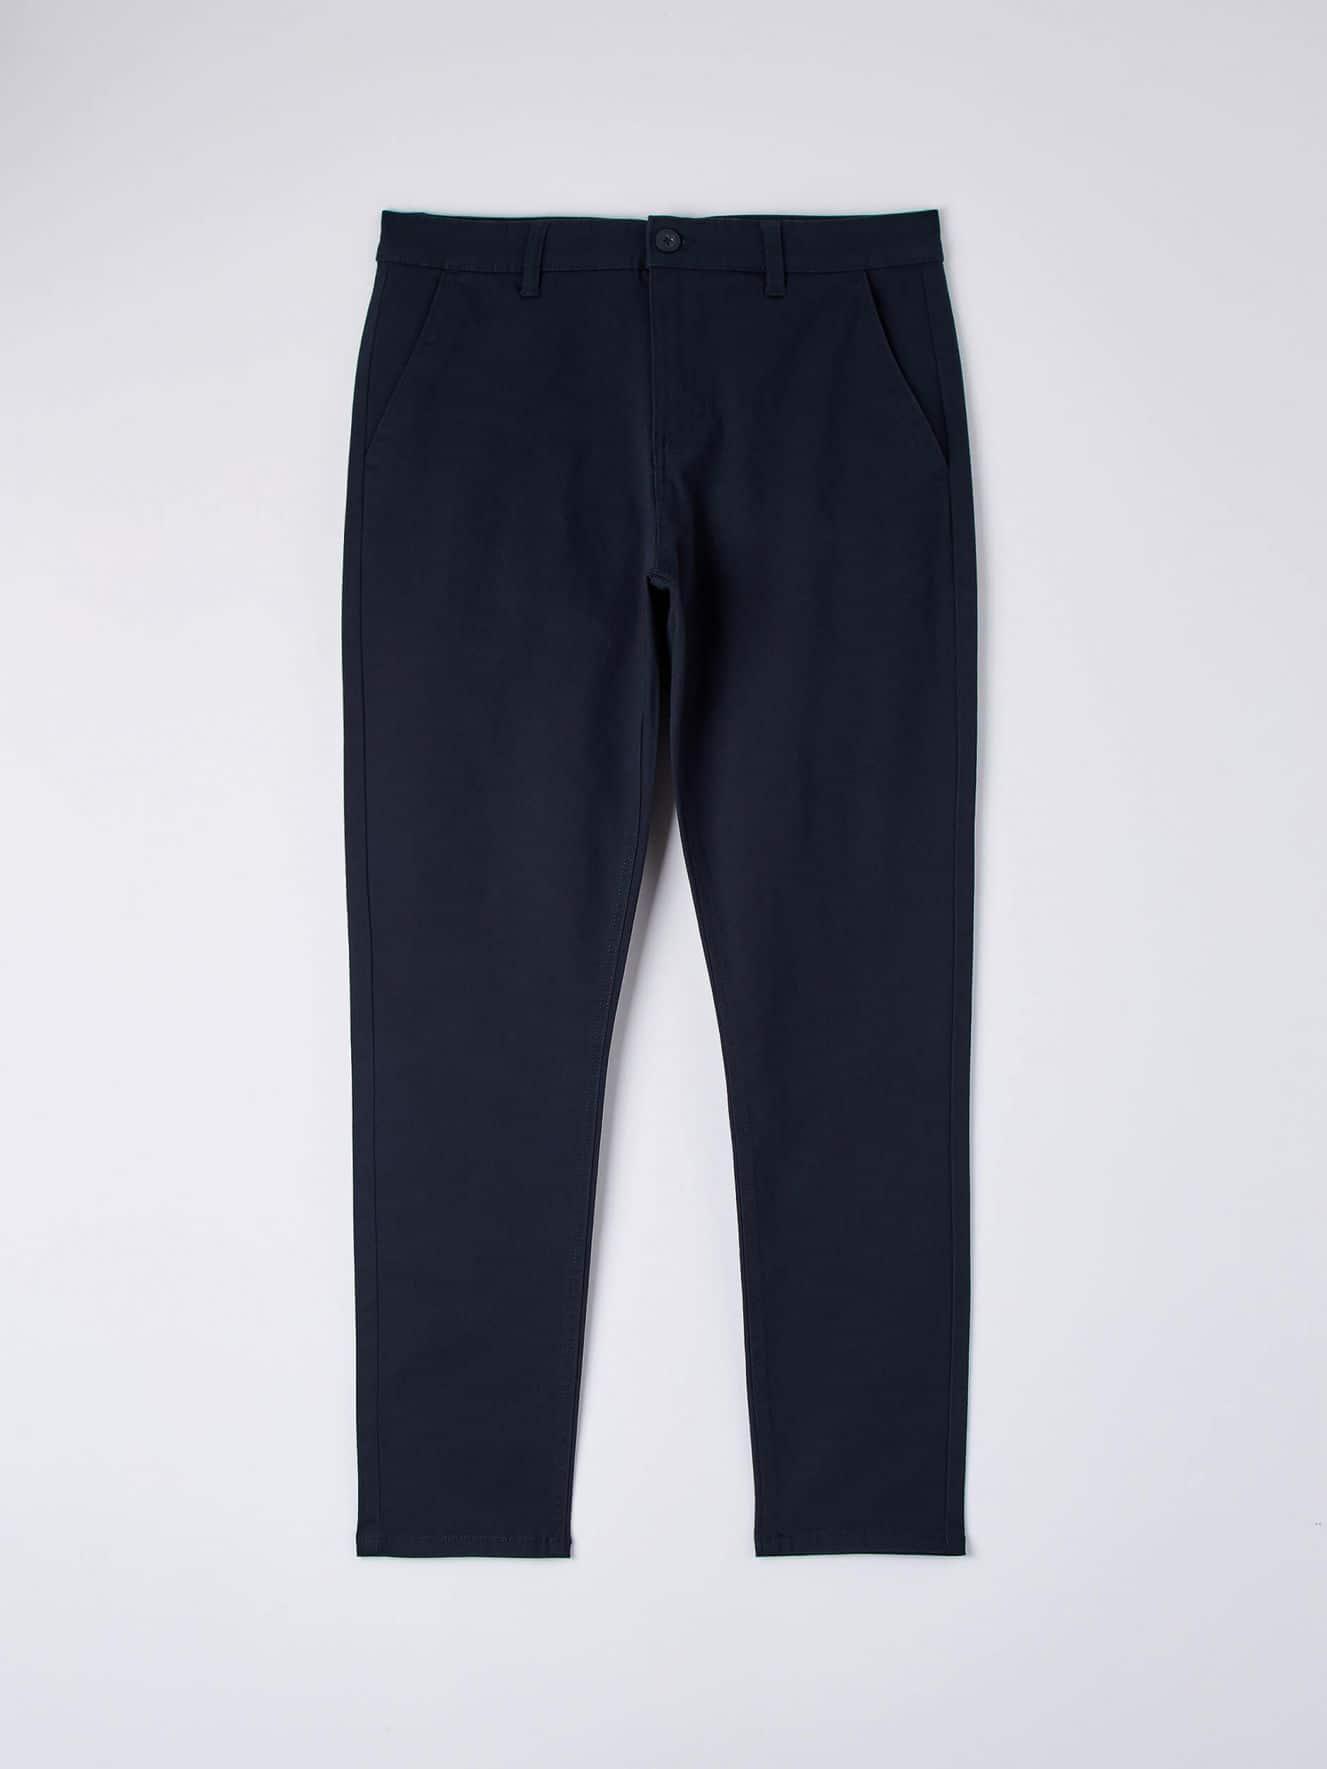 Pantalone Lungo Herren Terranova